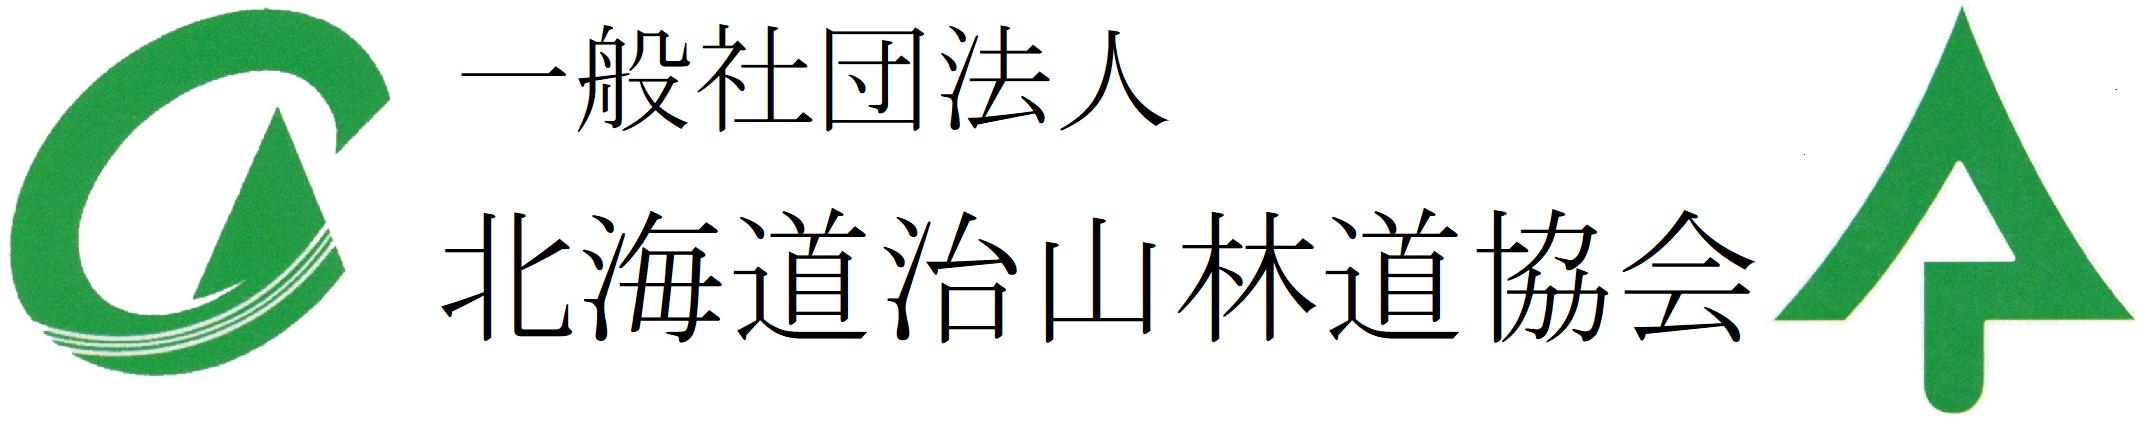 一般社団法人 北海道治山林道協会